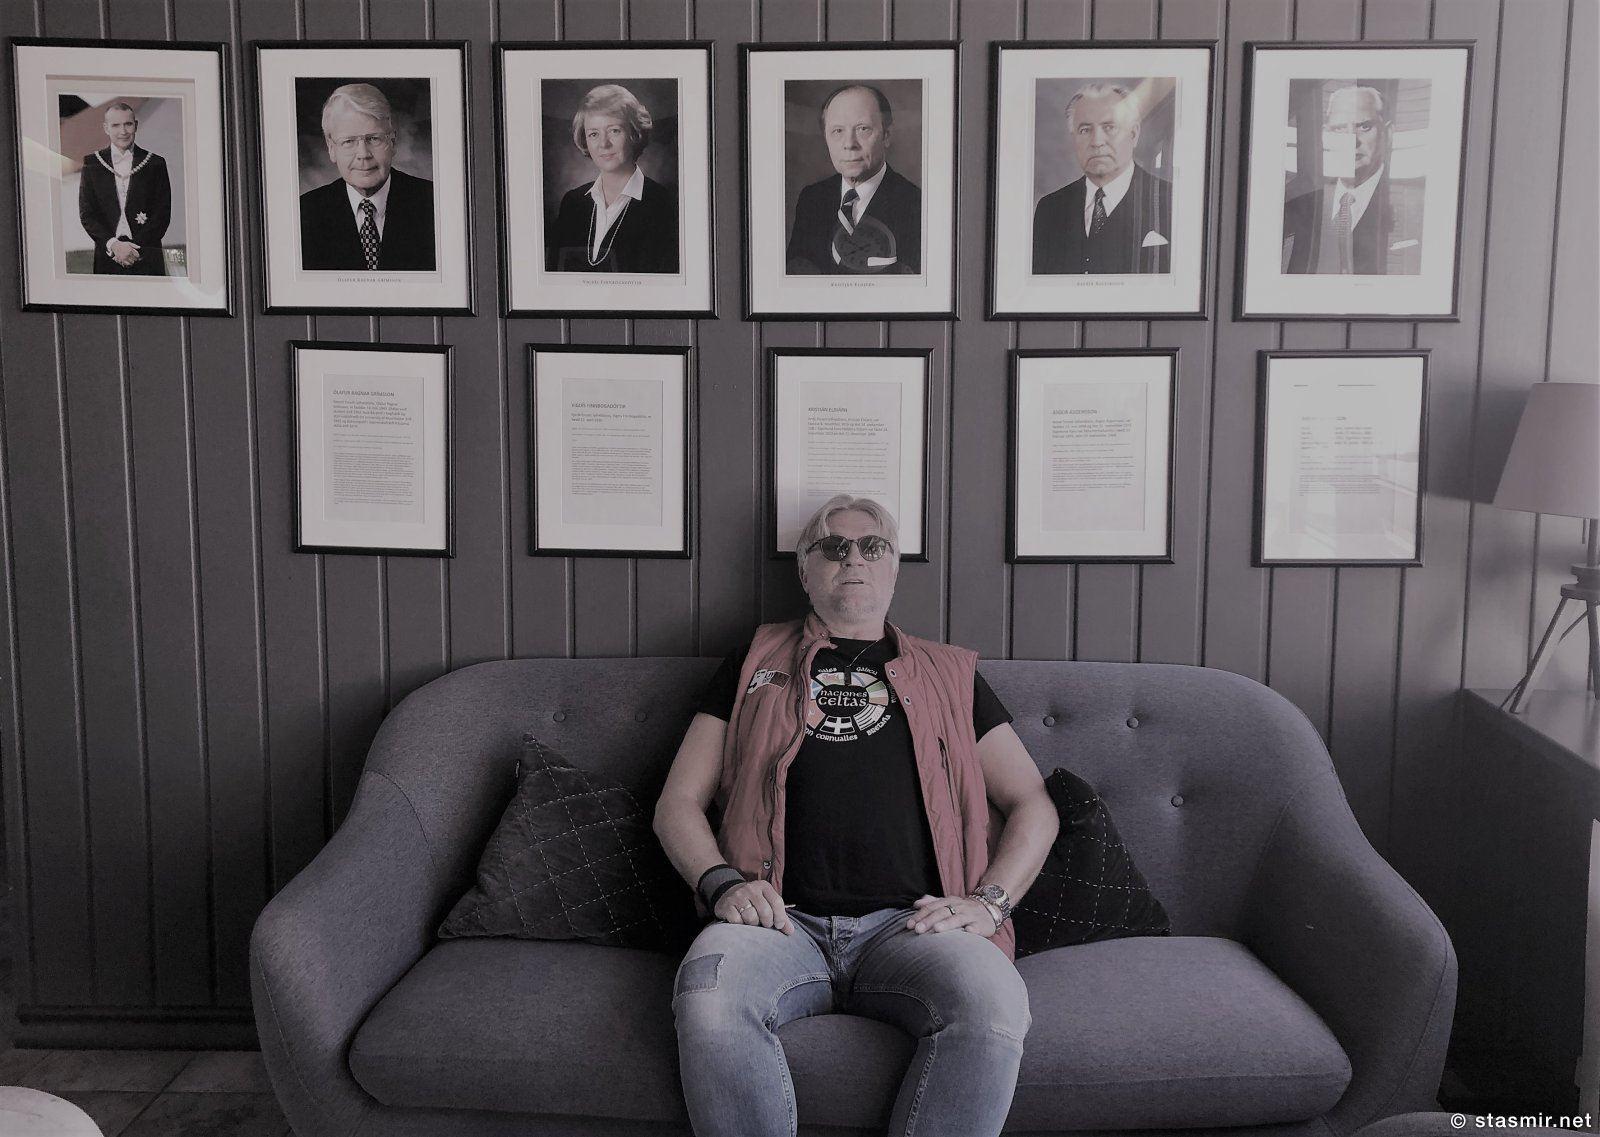 На стене - все шесть президентов Исландии, фото Стасмир, photo Stasmir